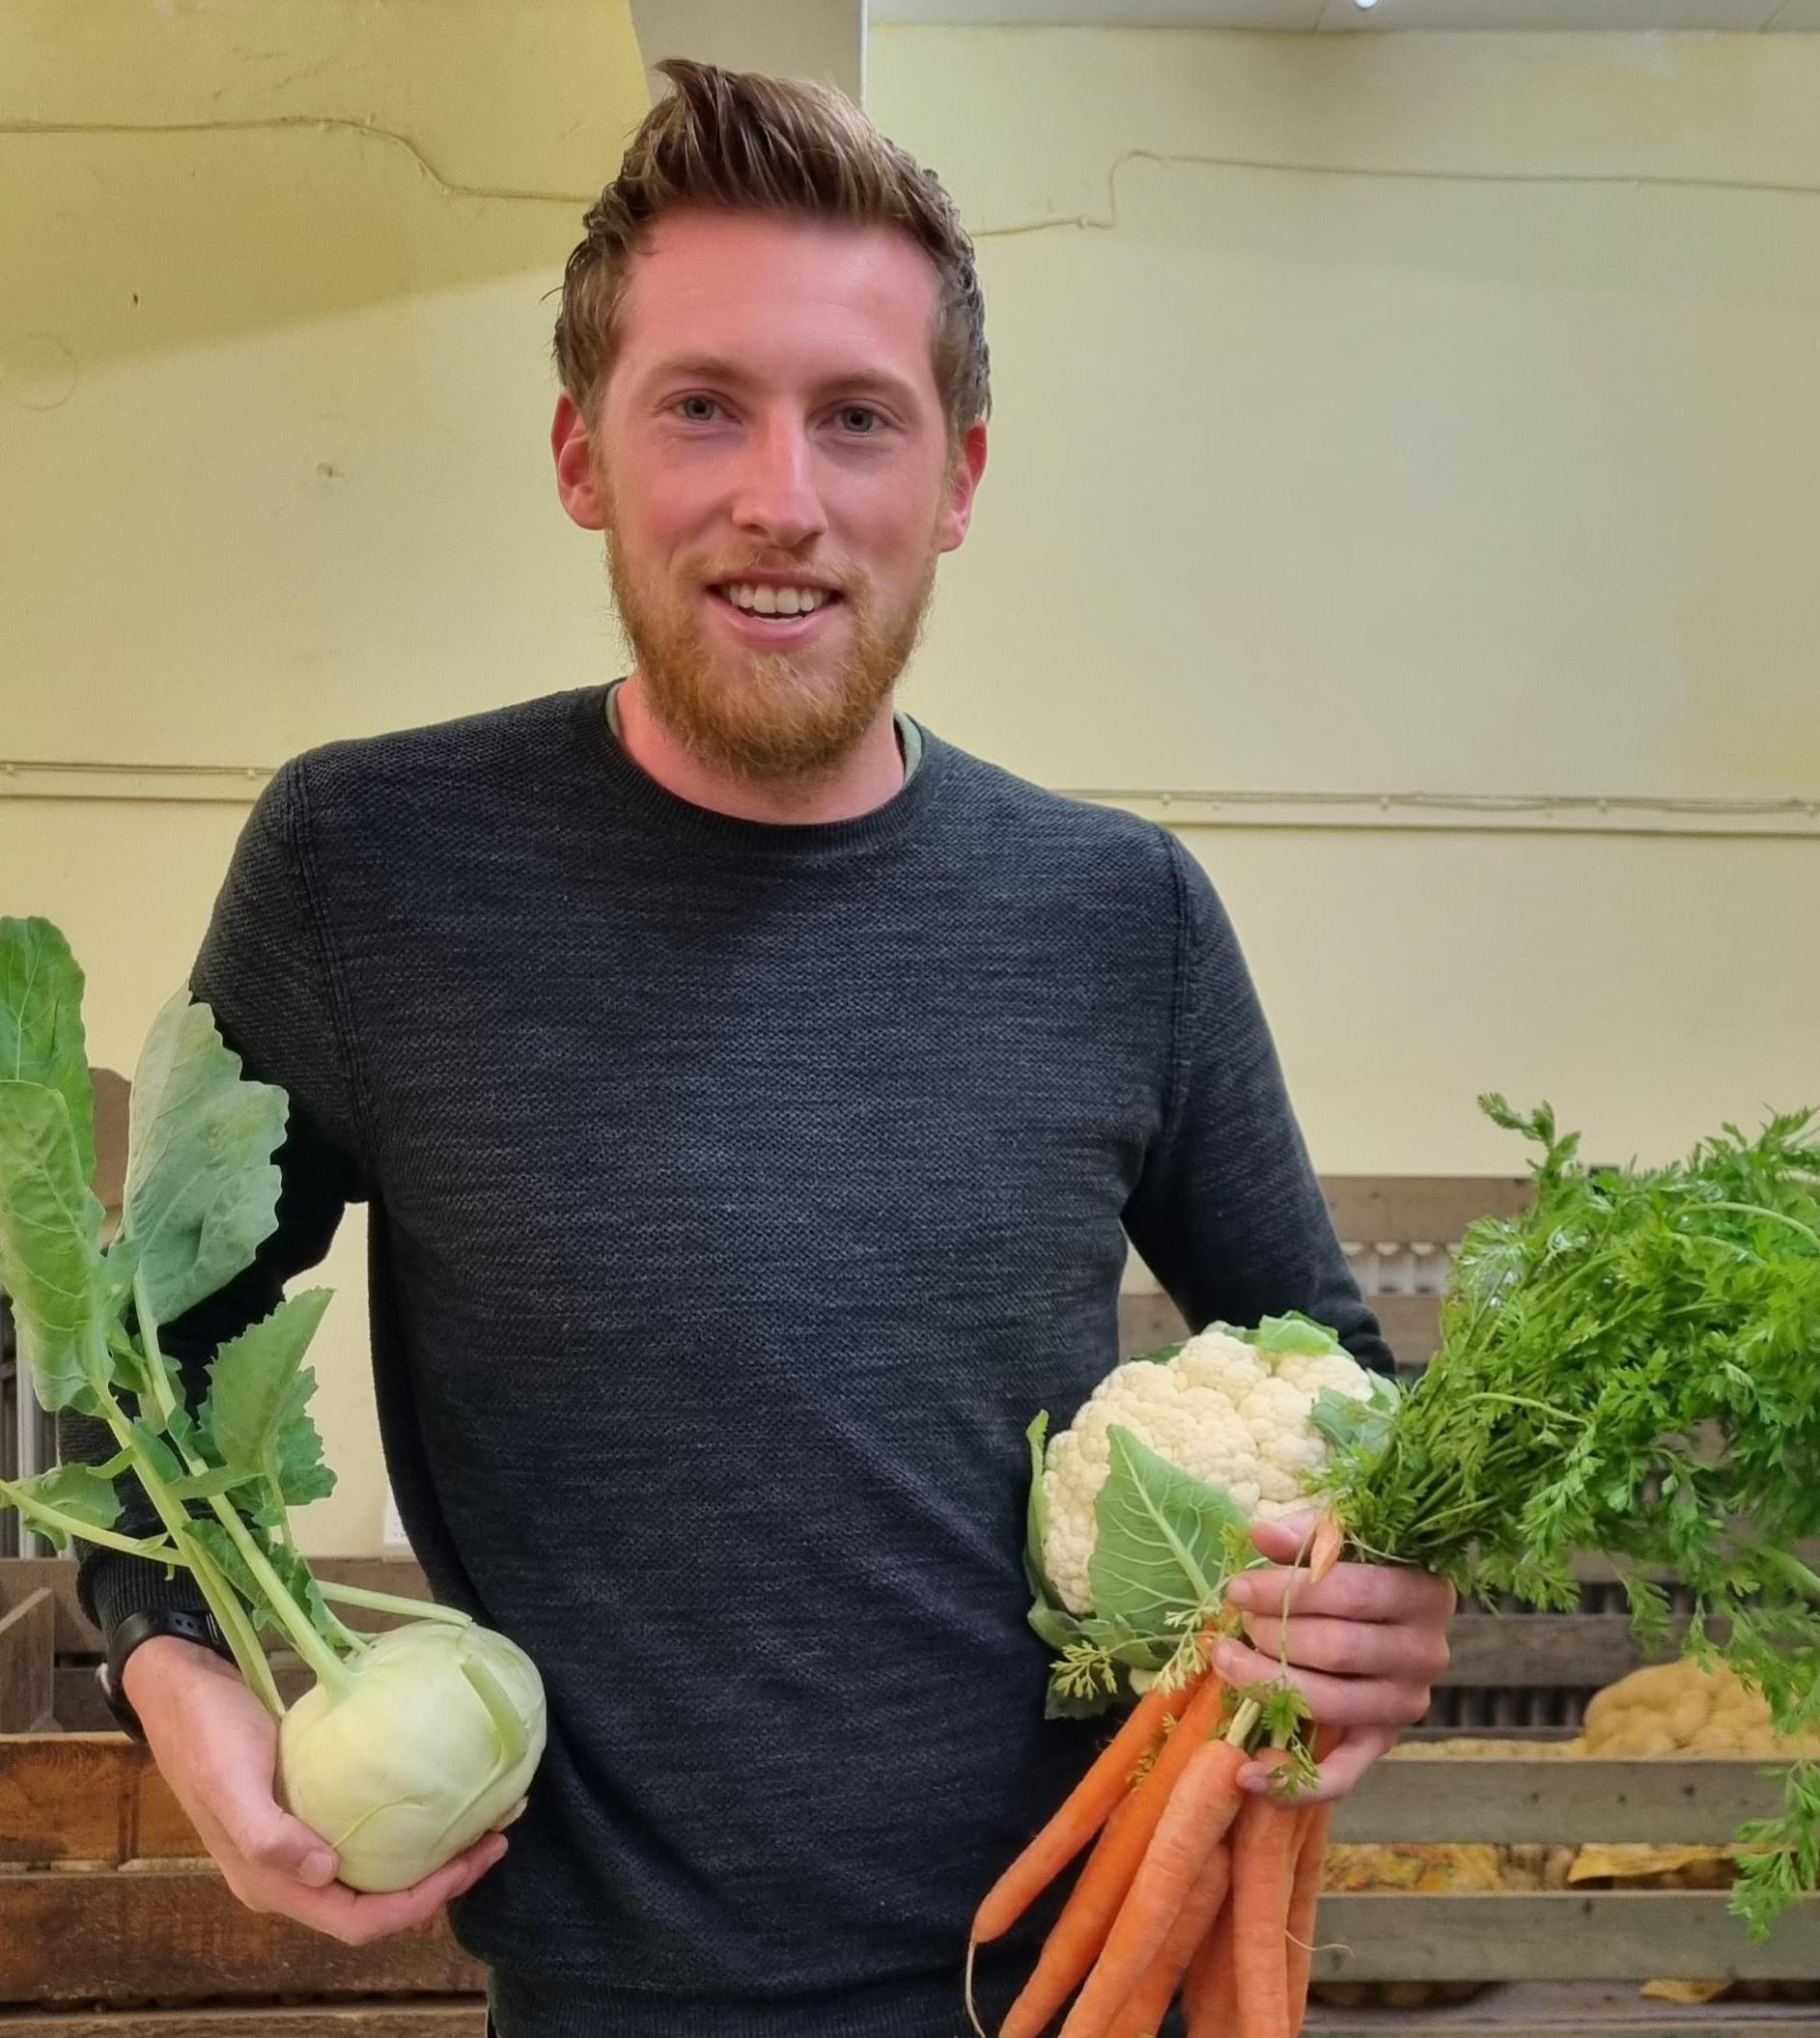 Lokaal boodschappen doen is een belevenis, tips voor een rondje langs boerderijwinkels en kwekers